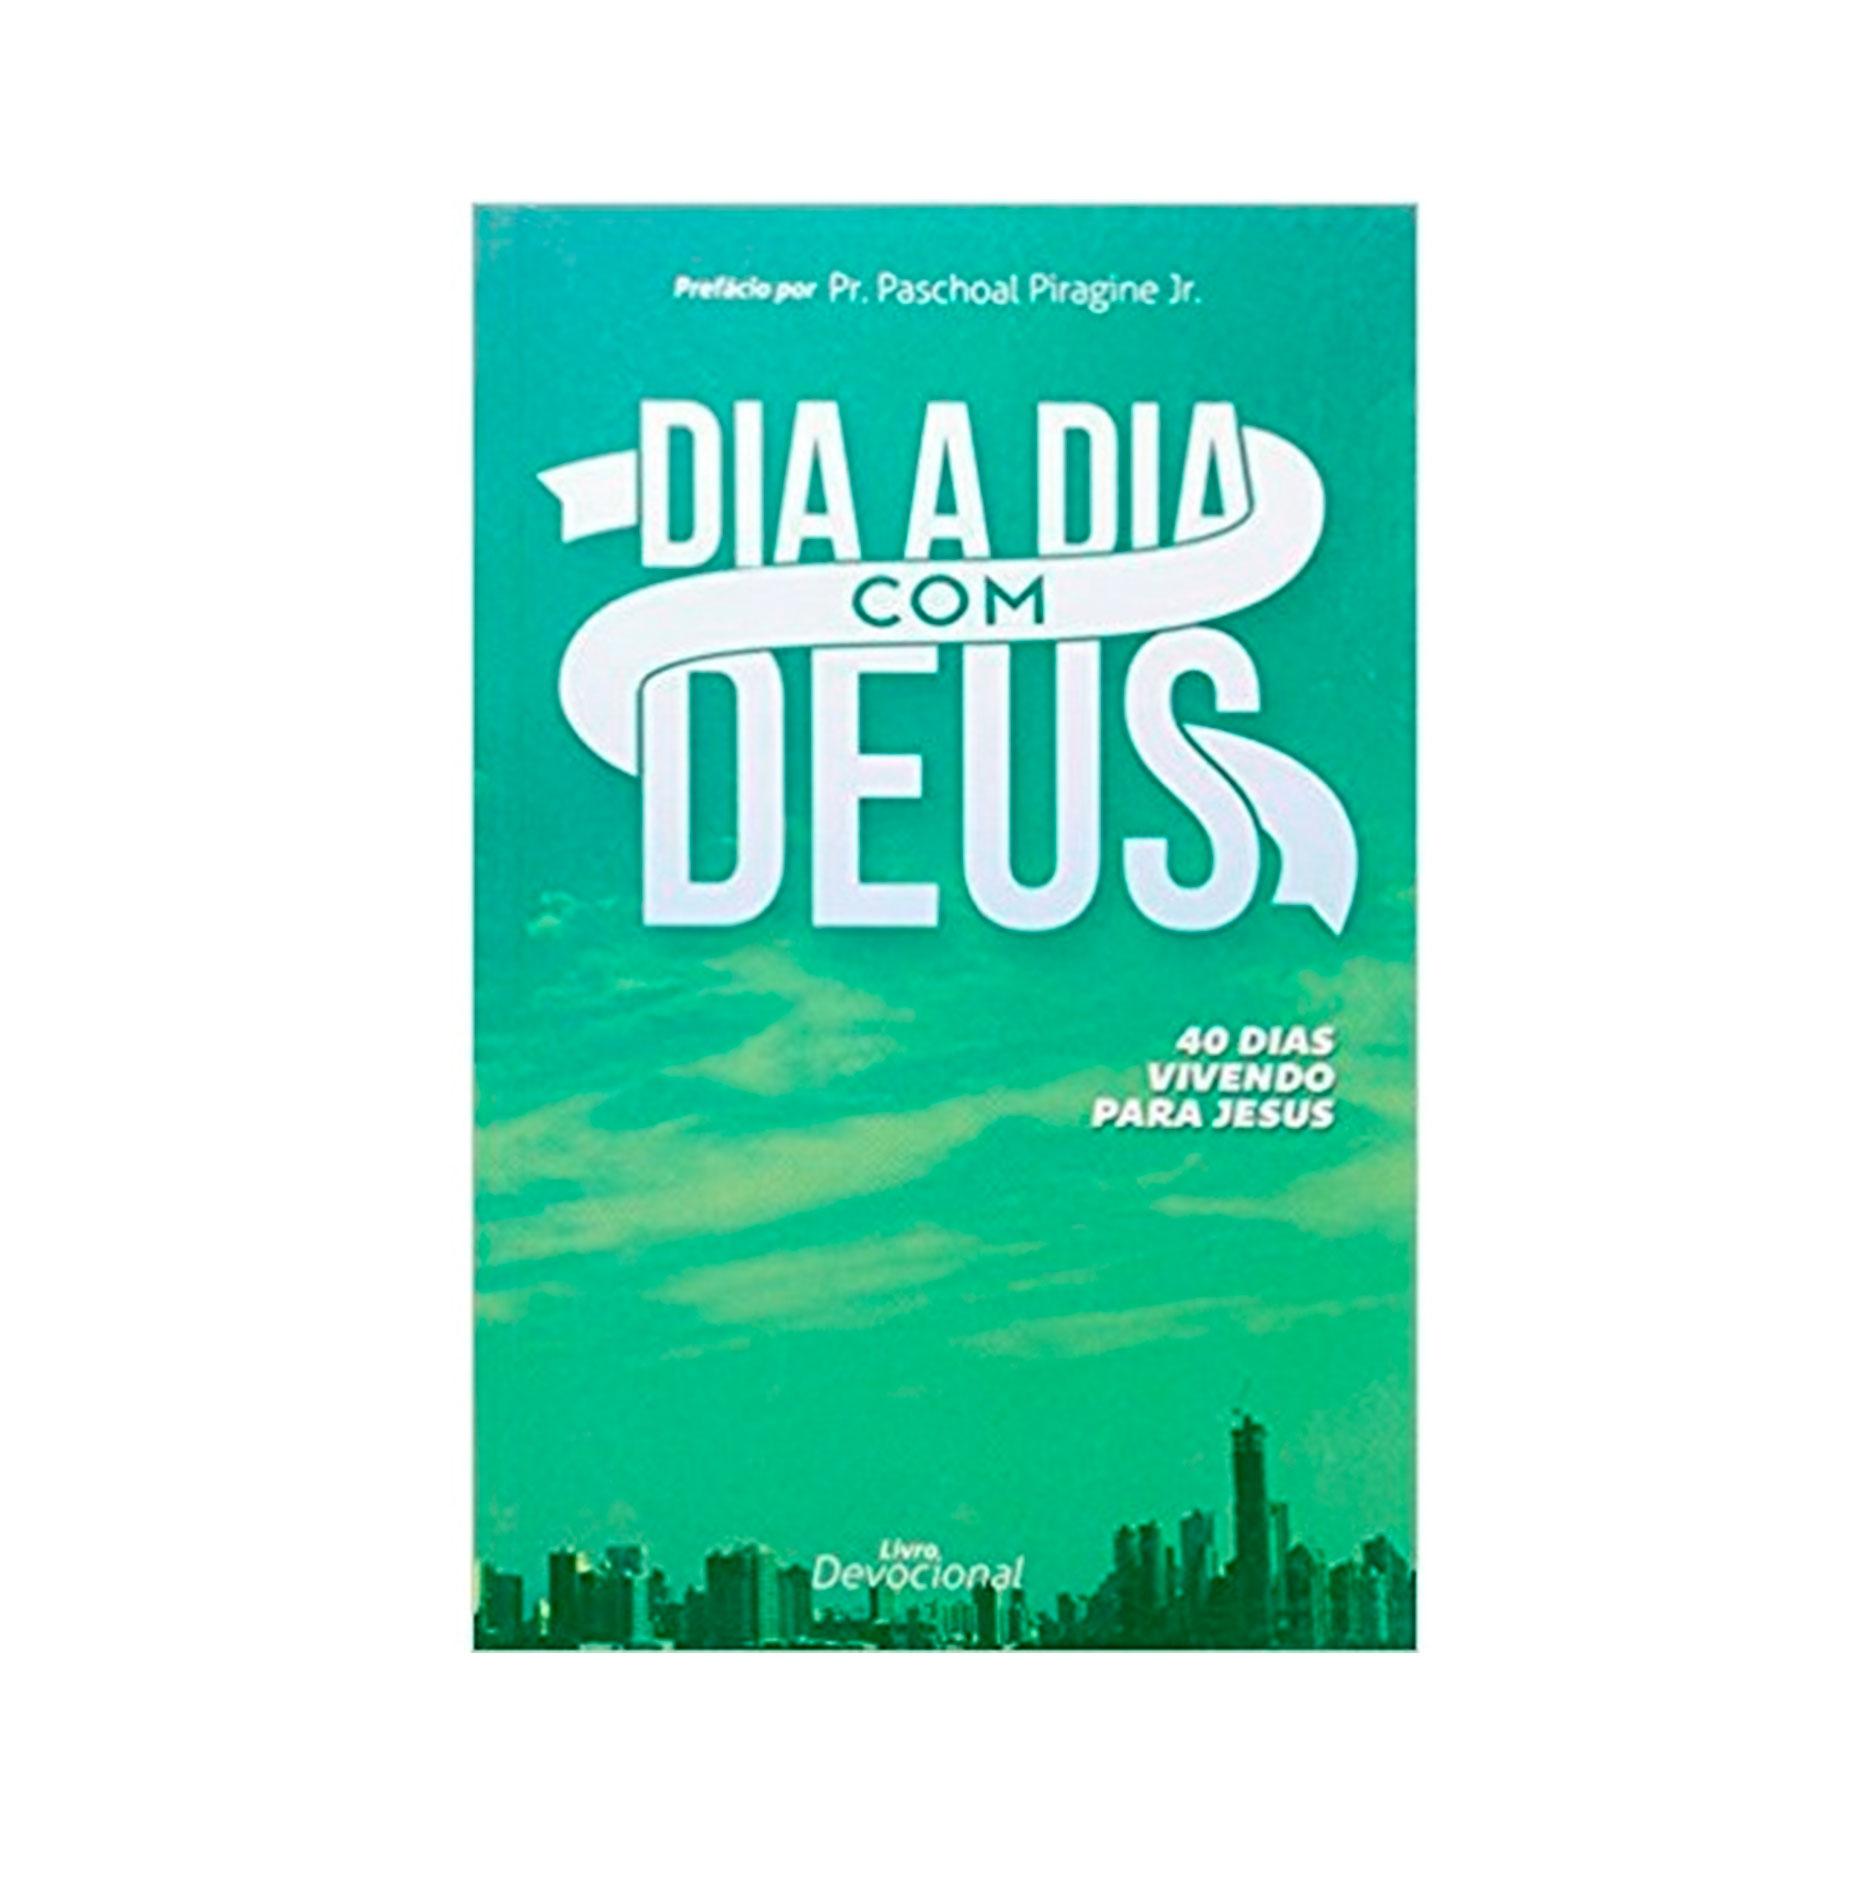 LIVRO-DIA A DIA COM DEUS - 40 DIAS VIVENDO PARA JESUS  - Loja Amo Família